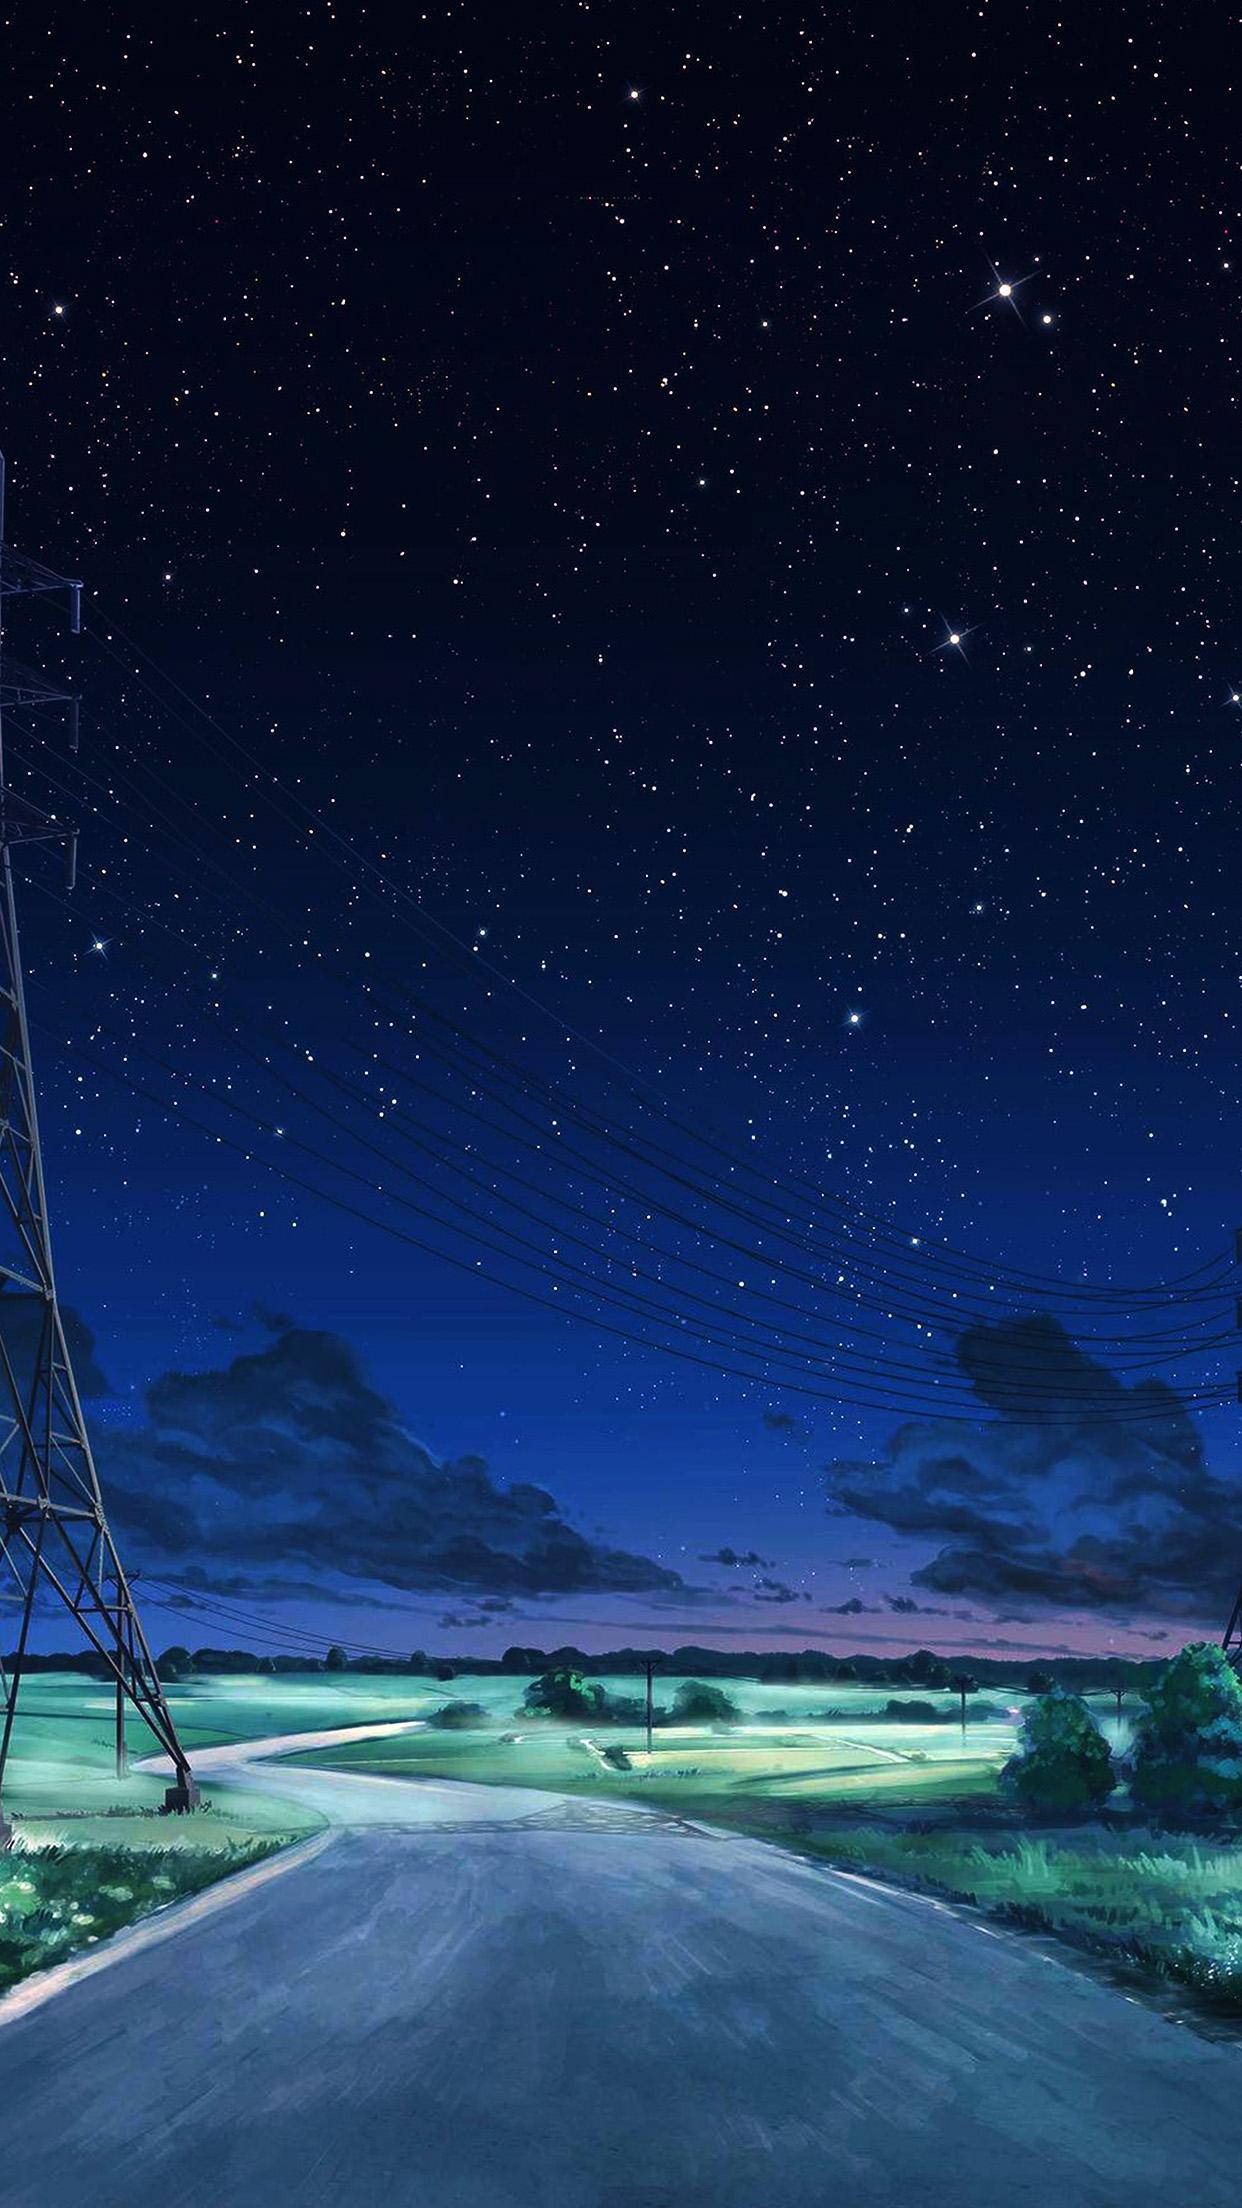 Aw16 arseniy chebynkin night sky star blue illustration - Anime sky background ...